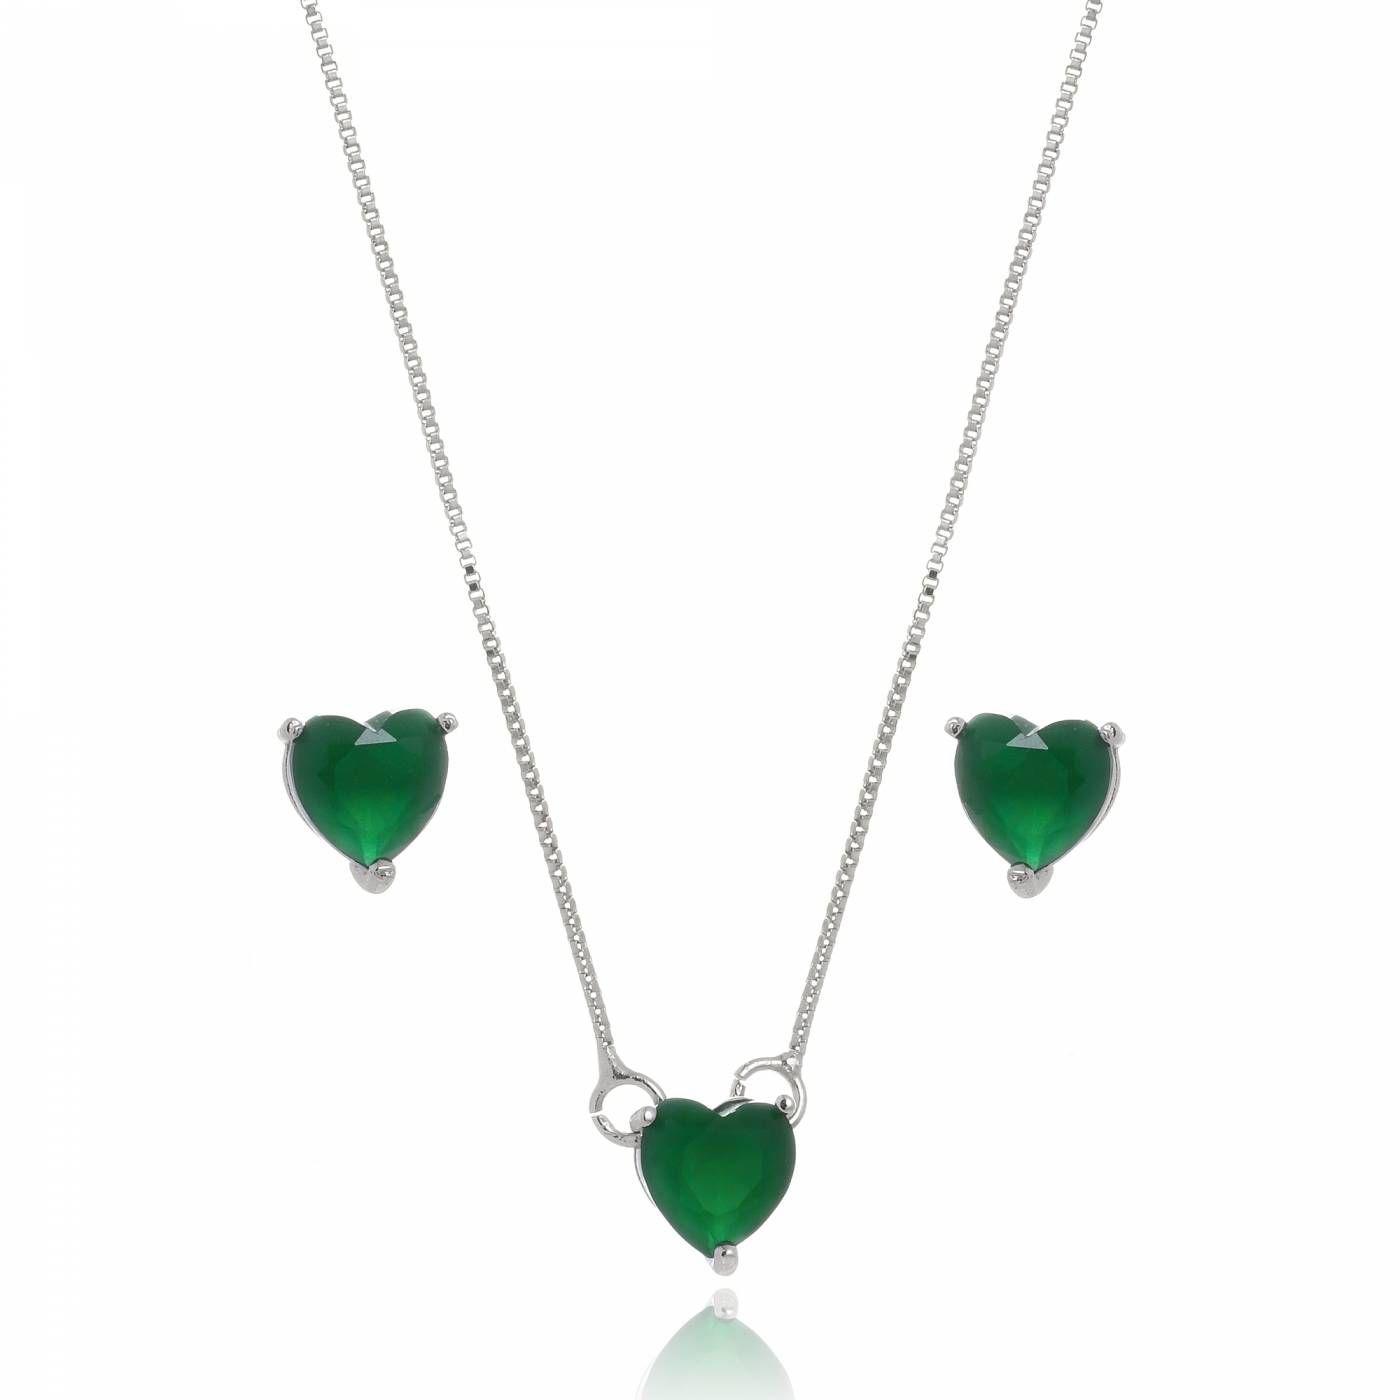 Conjunto Colar e Brinco Coração Verde Folheado em Ródio Branco